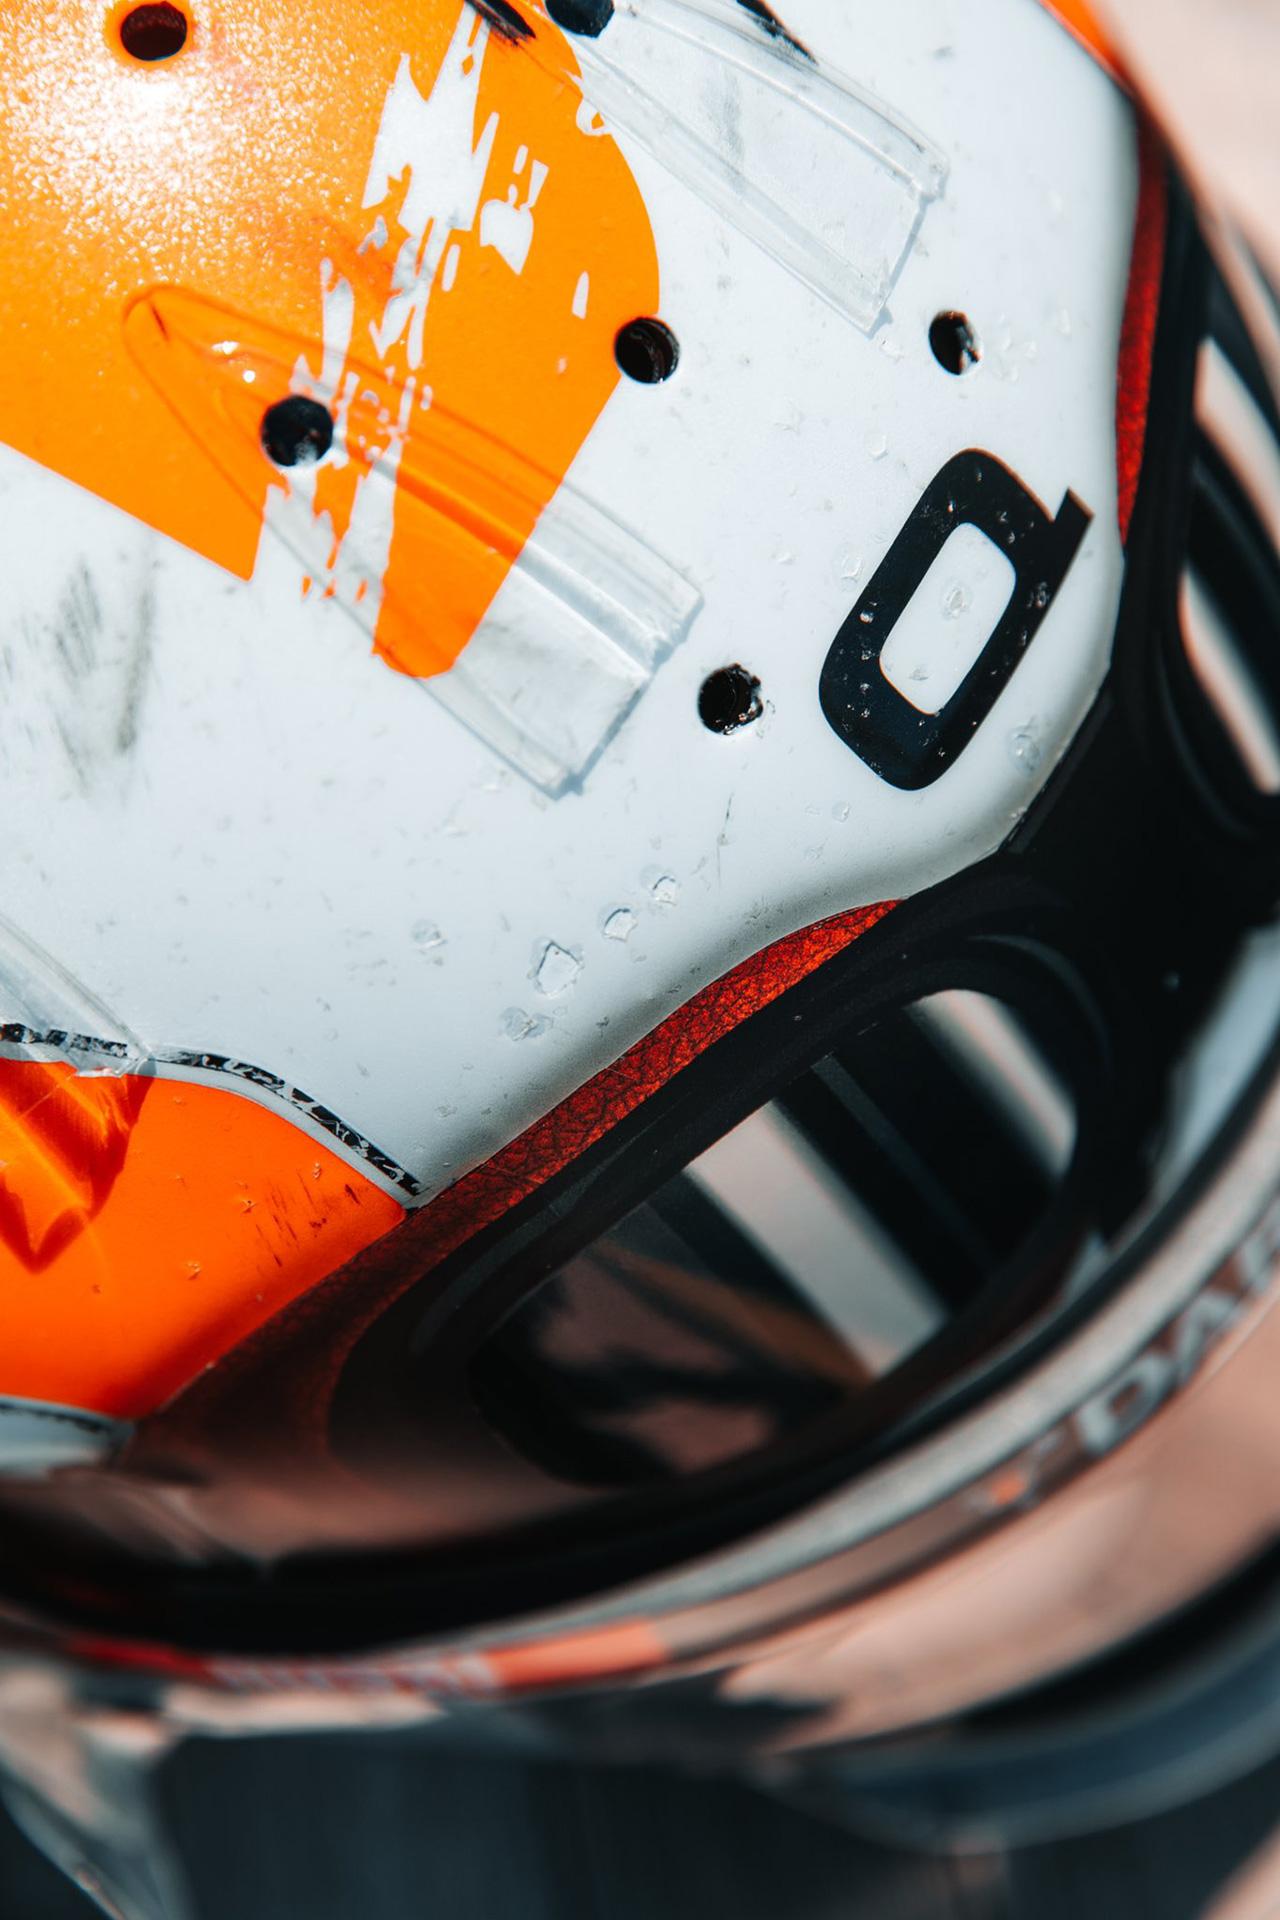 ランド・ノリス 2021 F1モナコGP ガルフカラー ヘルメット